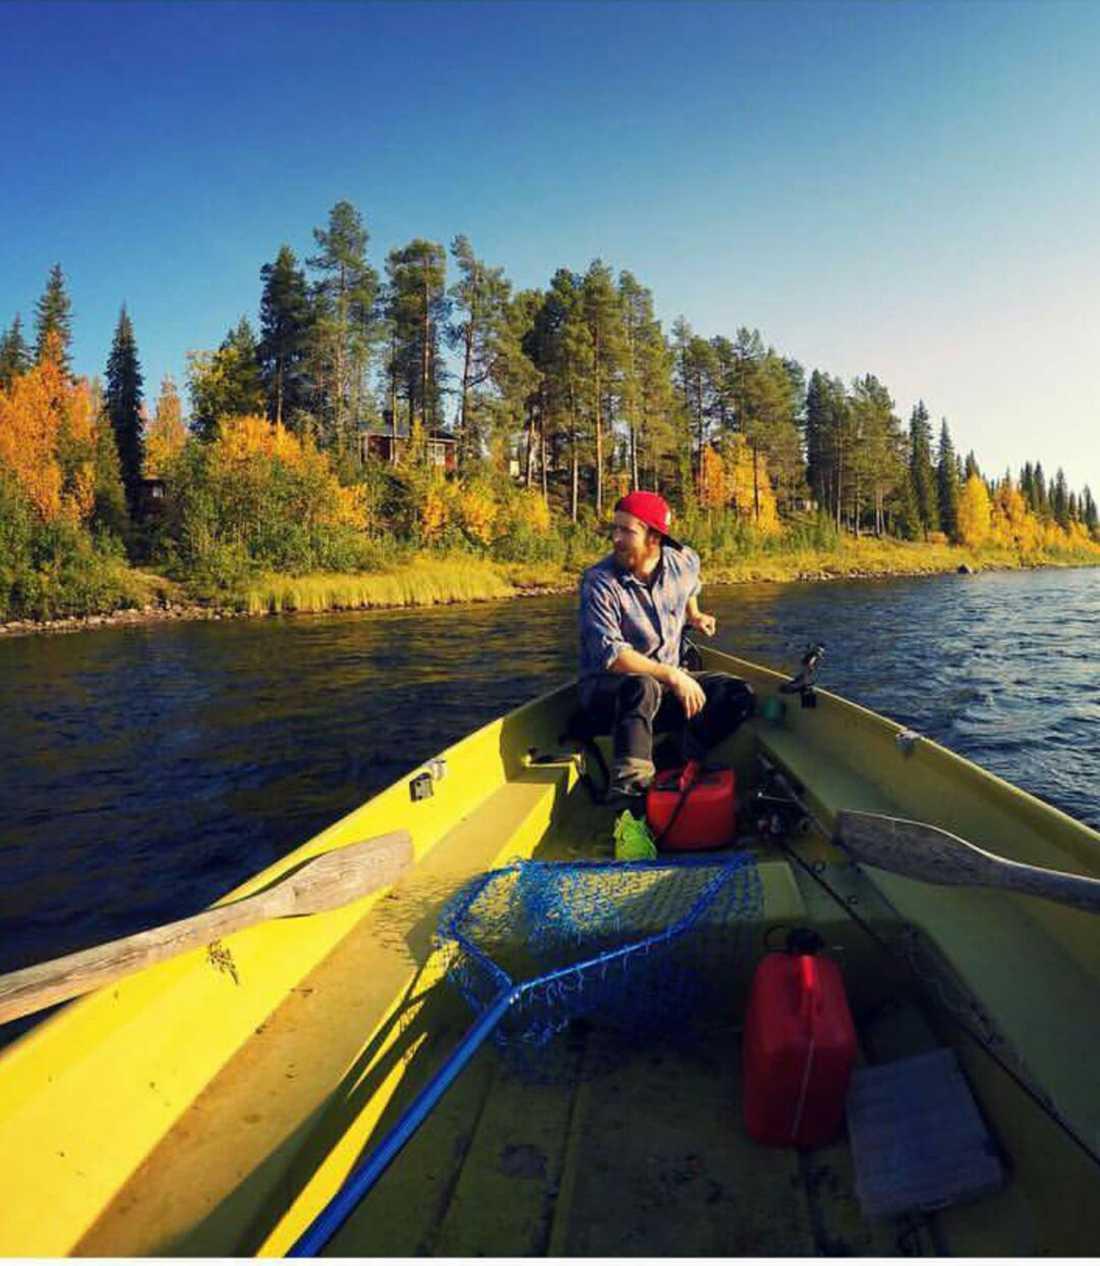 Christofer Pettersson hörde skrik från grannen och upptäckte att något flöt i älven. Han kastade sig ner till sin båt.